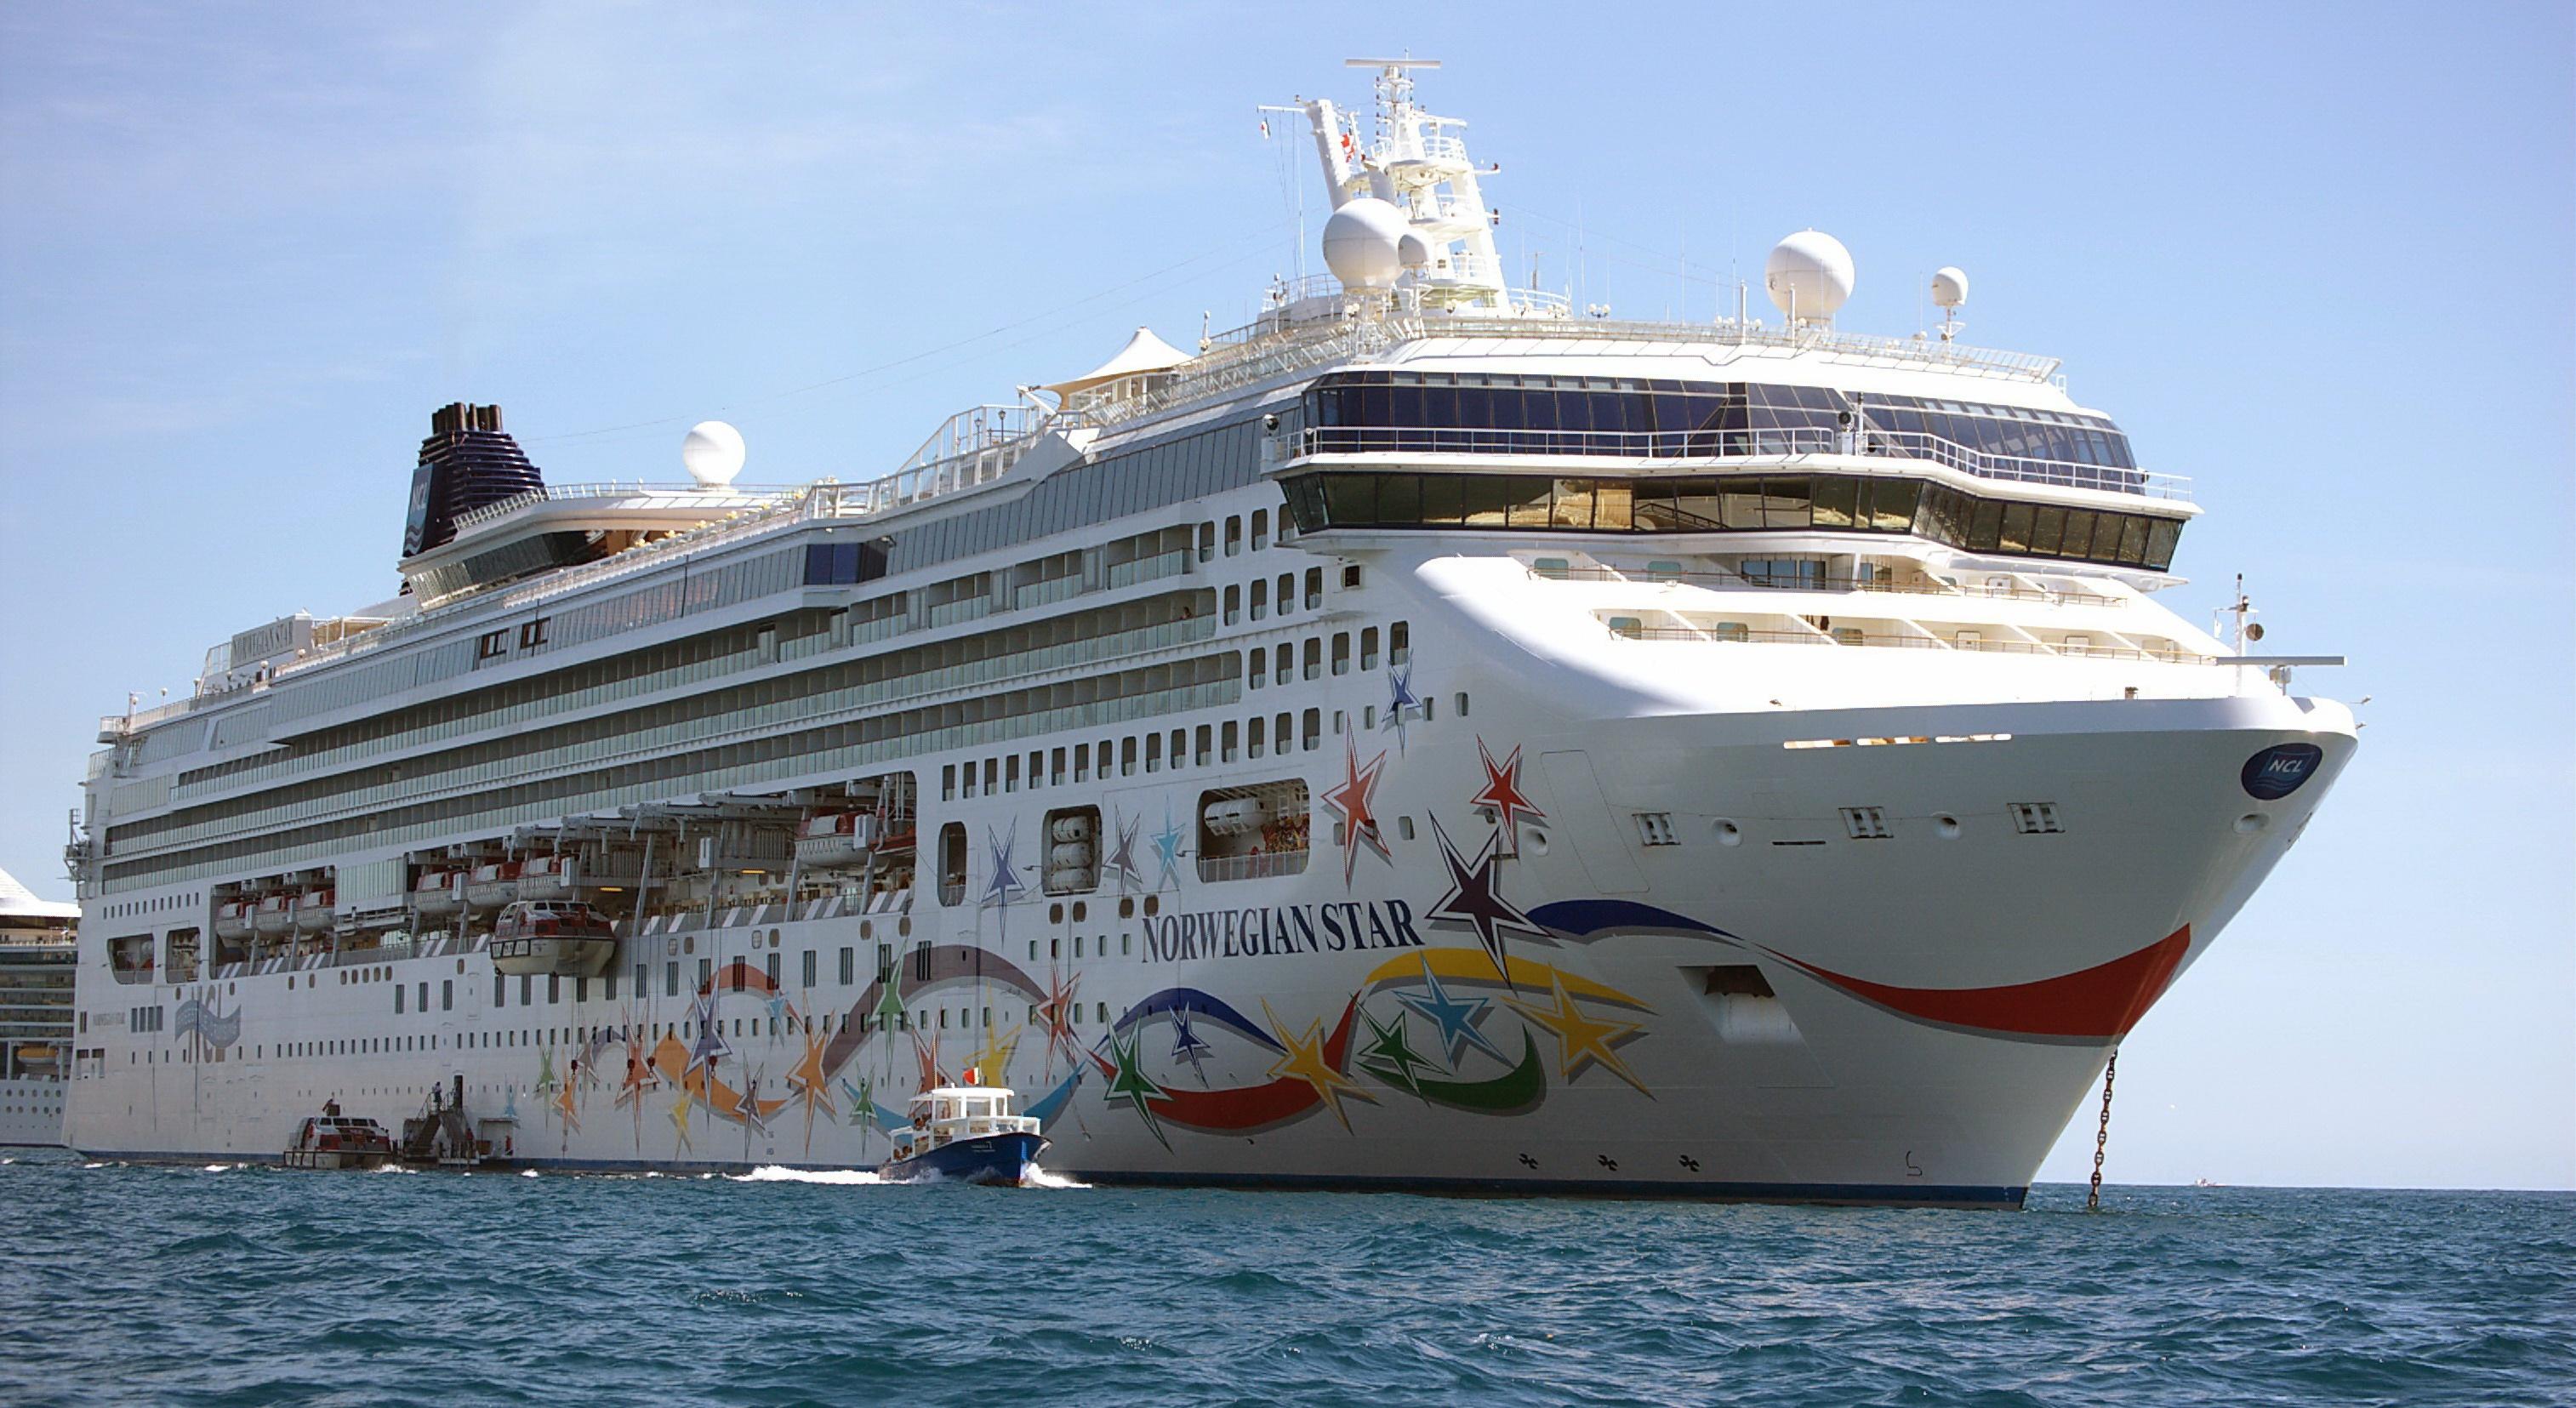 Cruise ship Norwegian Star - Norwegian Cruise Line